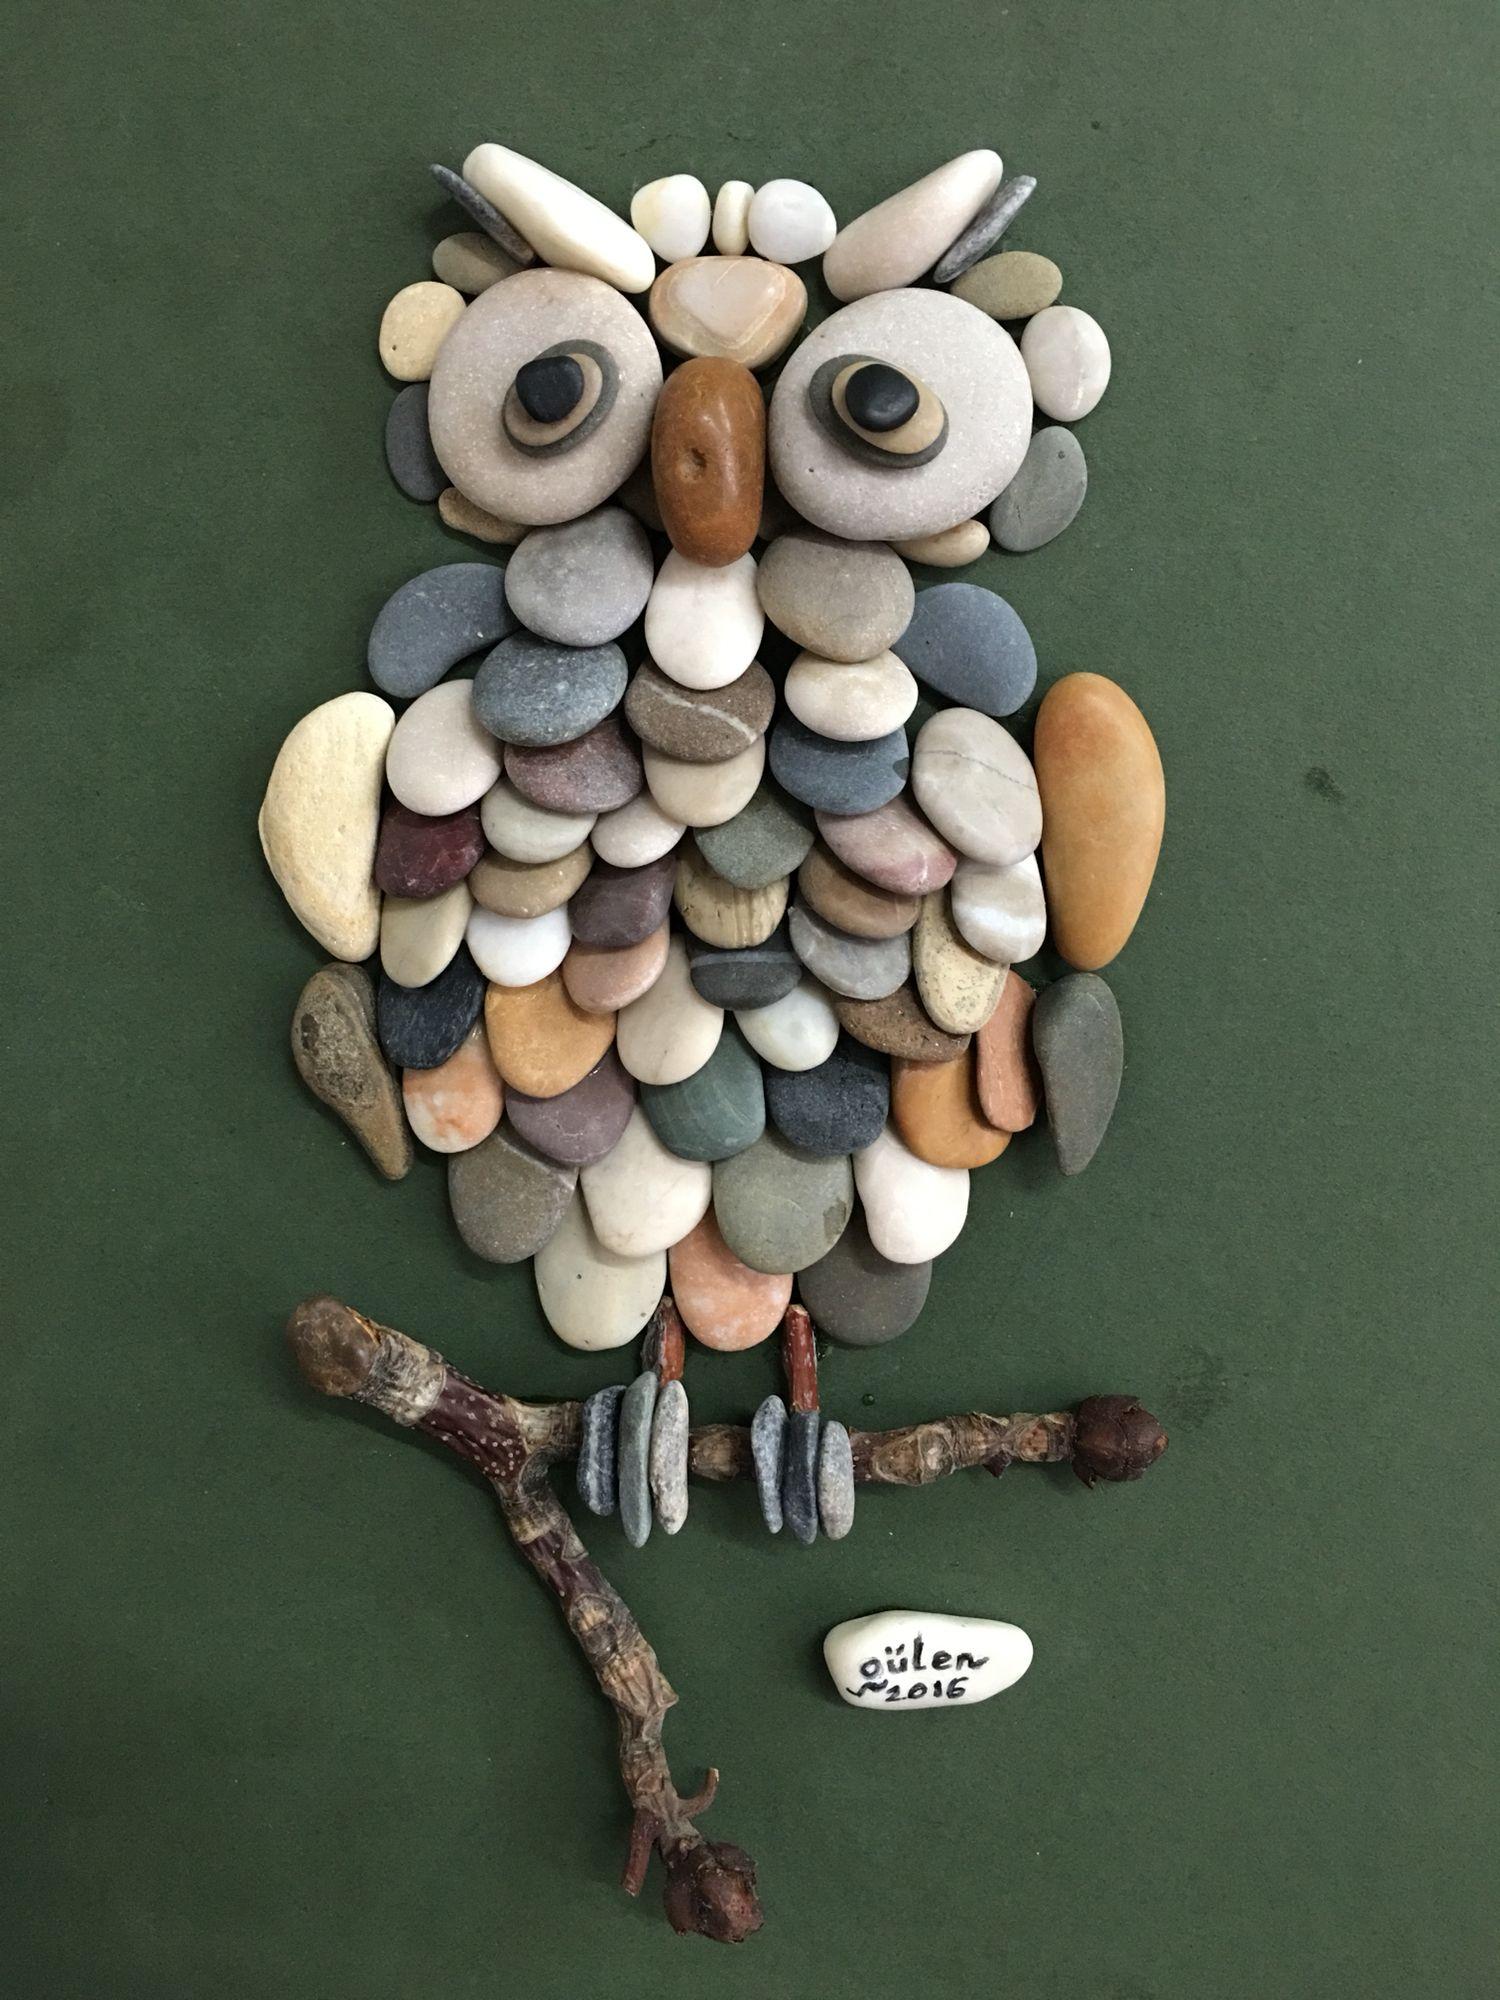 Pebble art owl by gülen More More